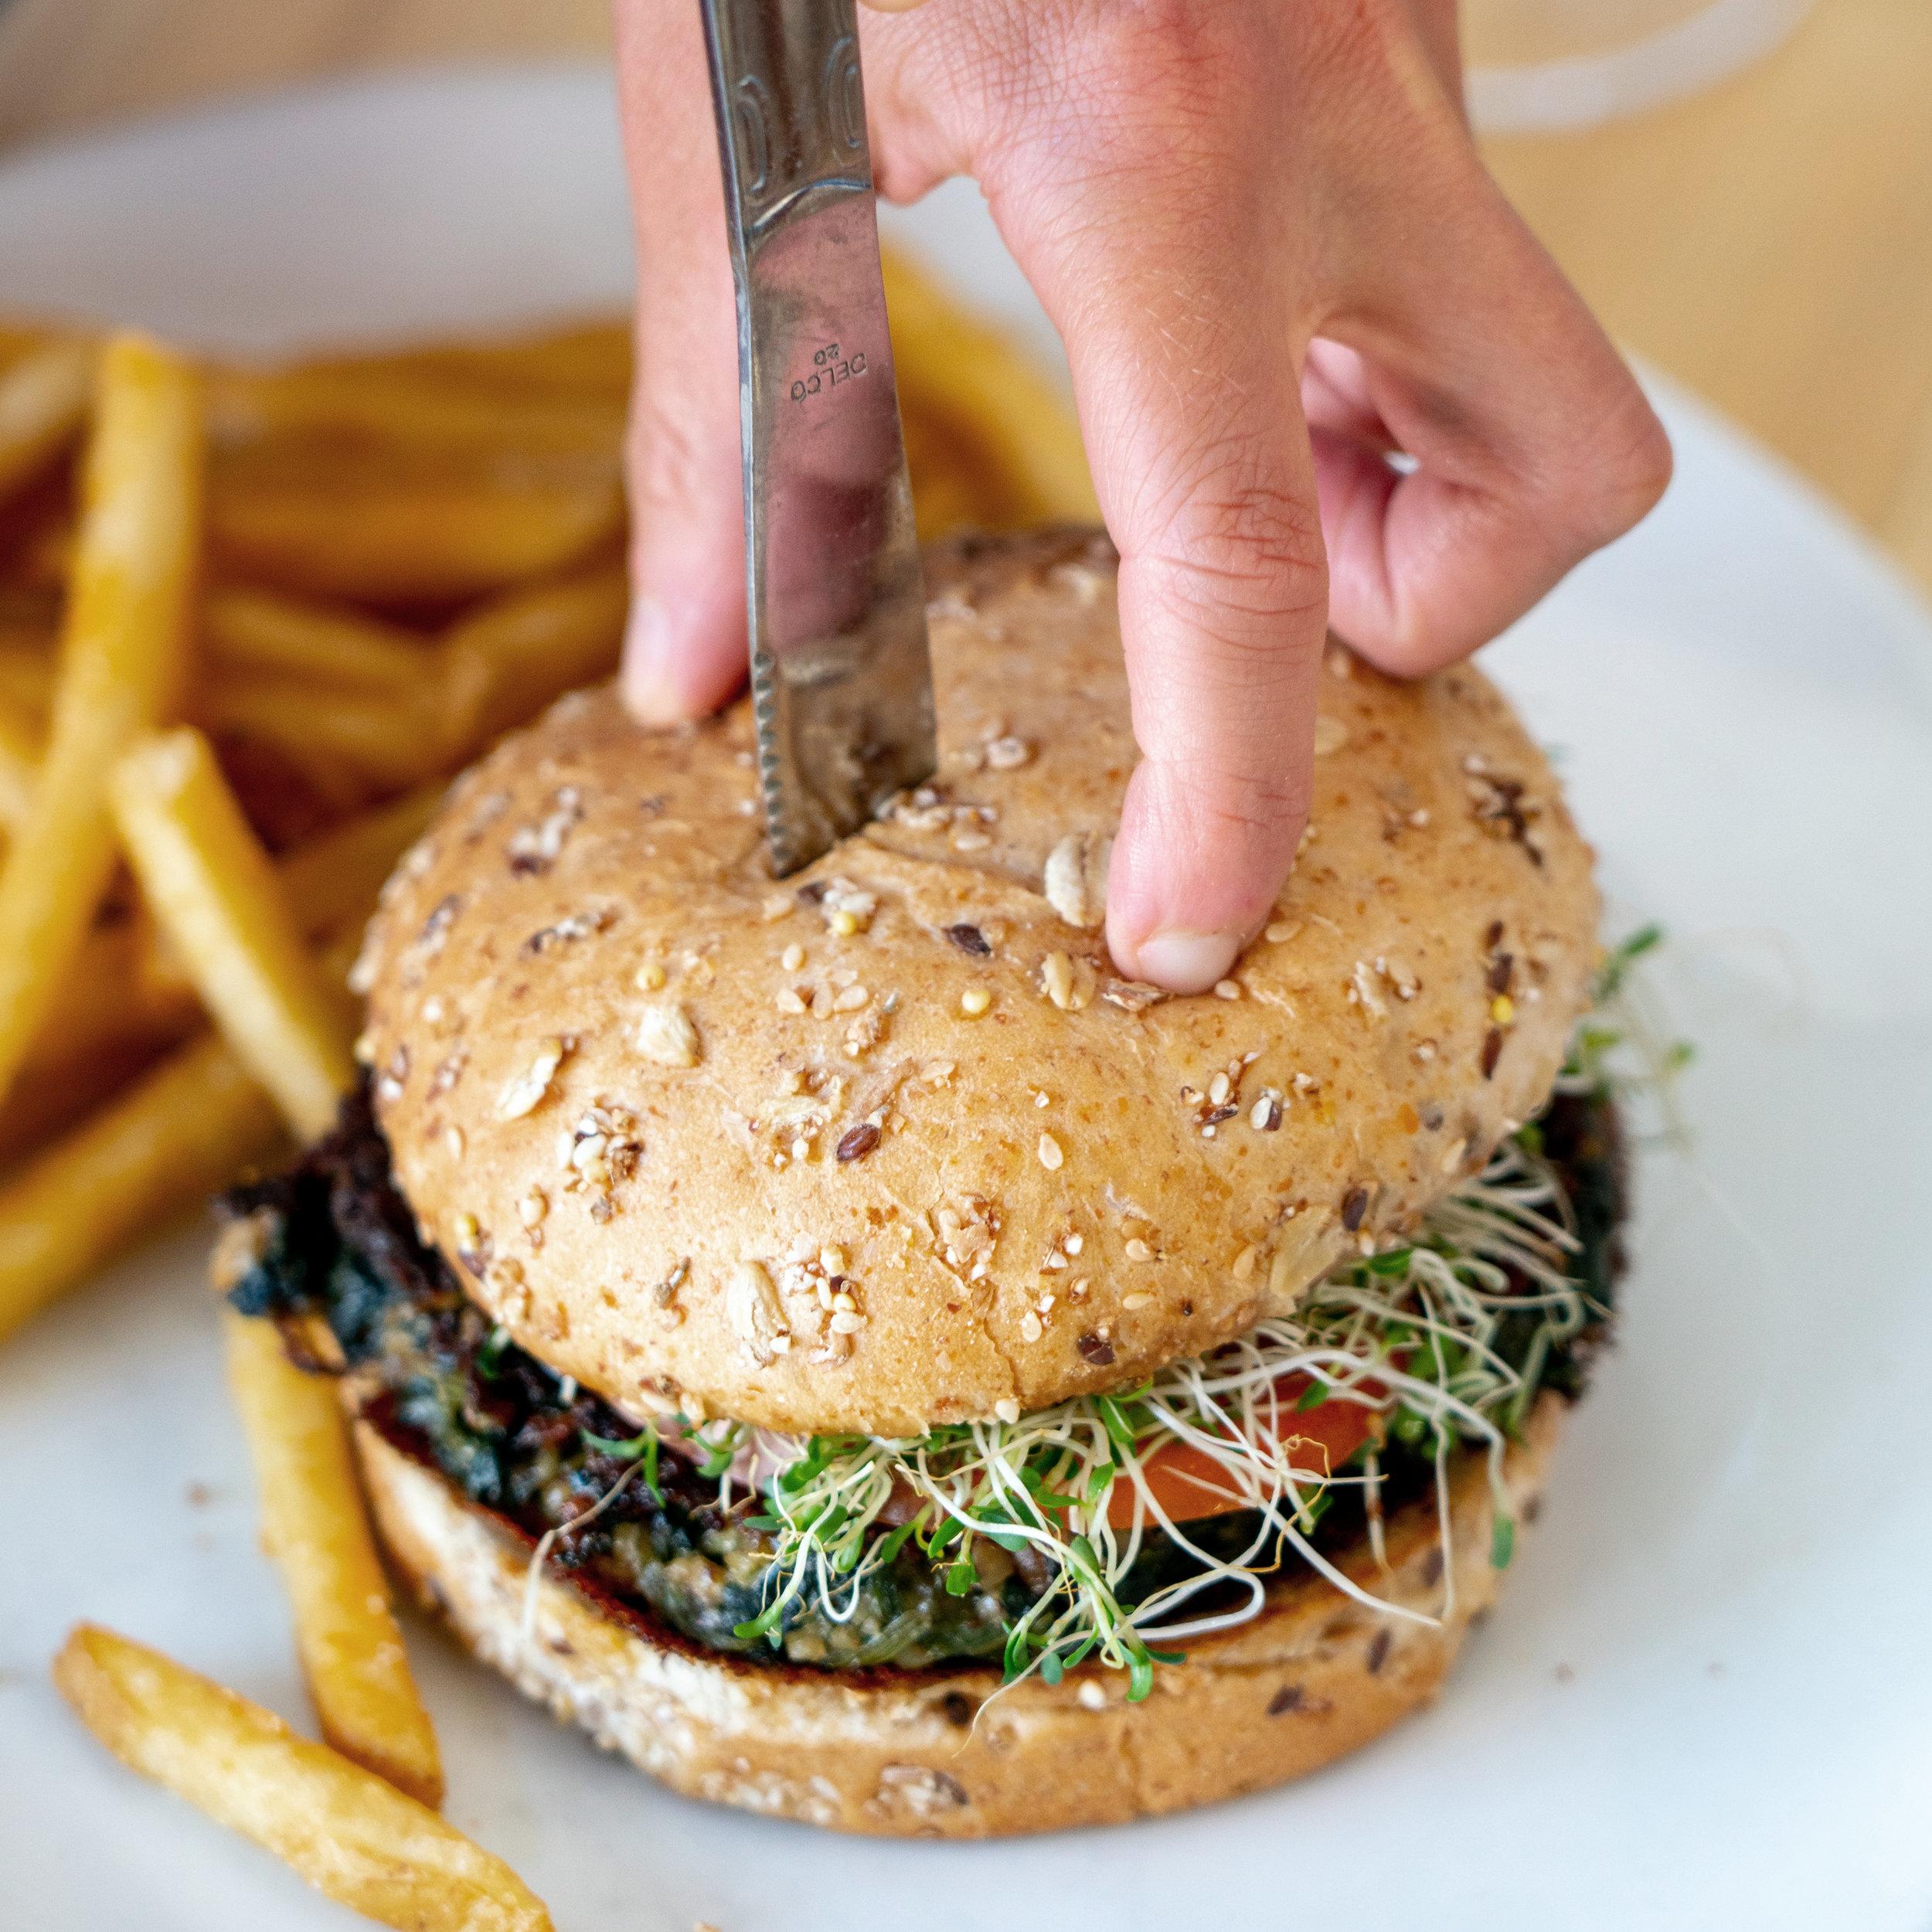 TheBird_walnutburger.jpg